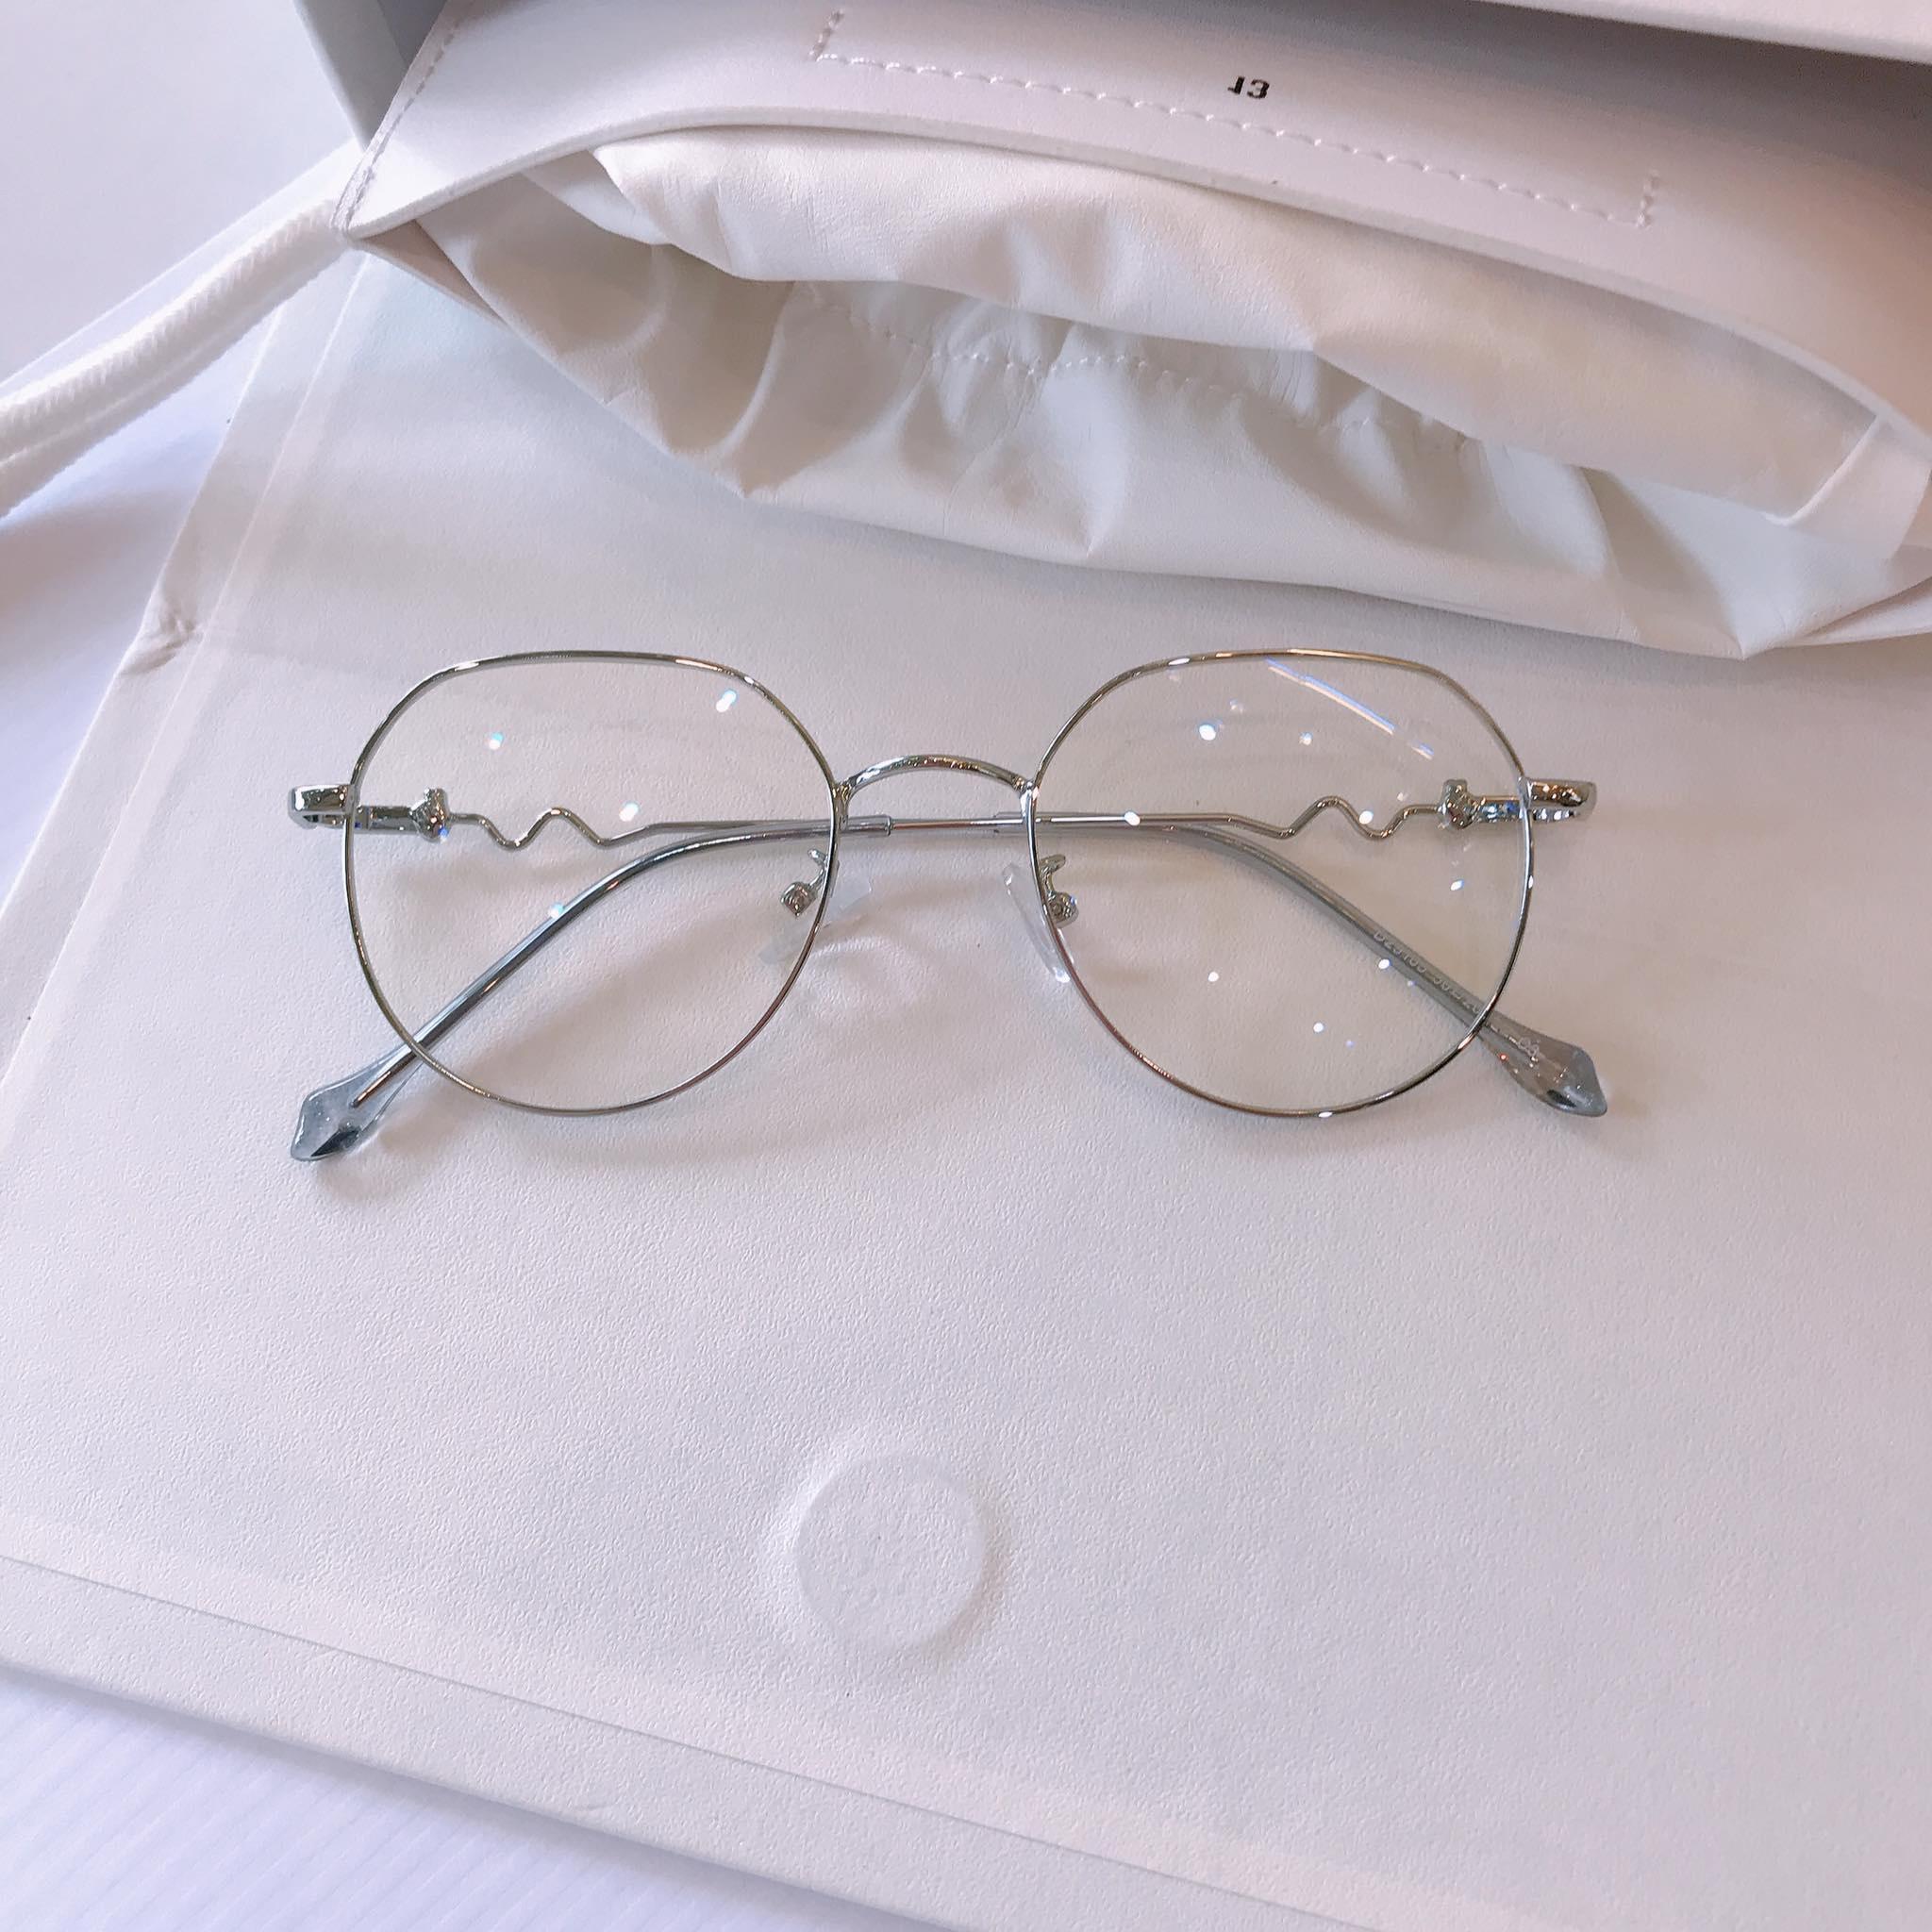 Gọng kính xinh vintage Kim loại Hàn Quốc cao cấp